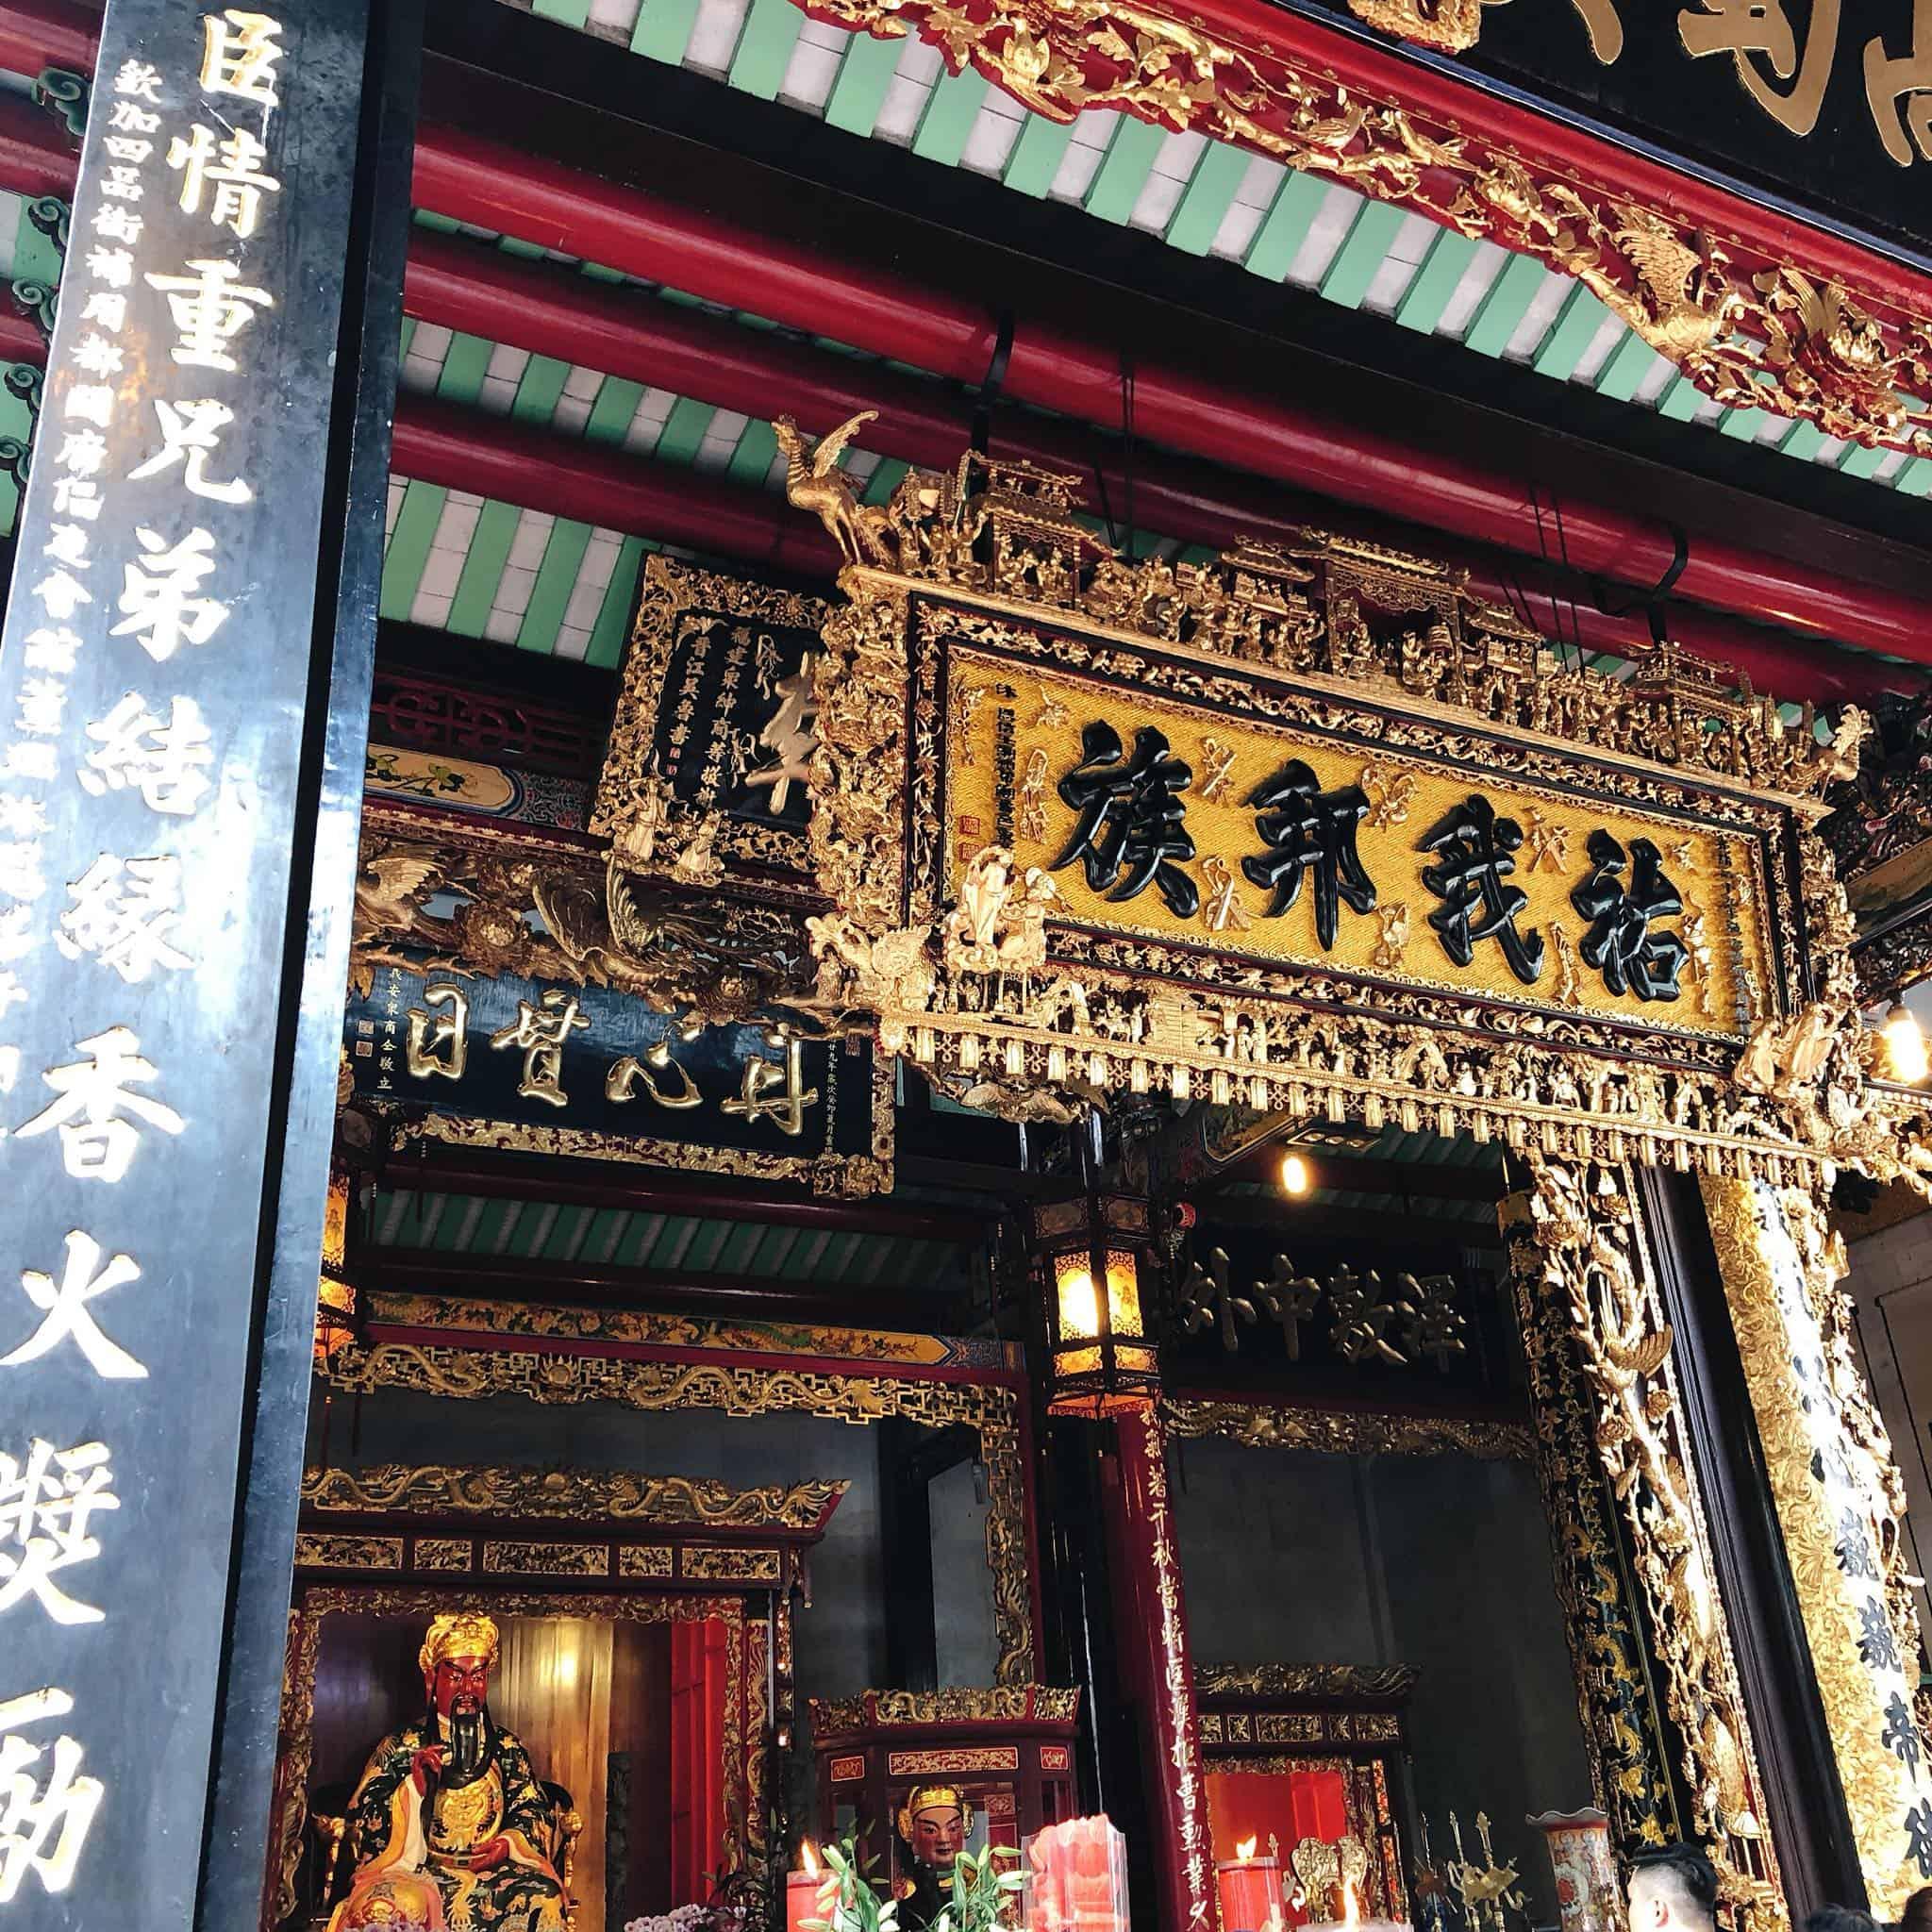 Inside Tam Son Hoi Quan